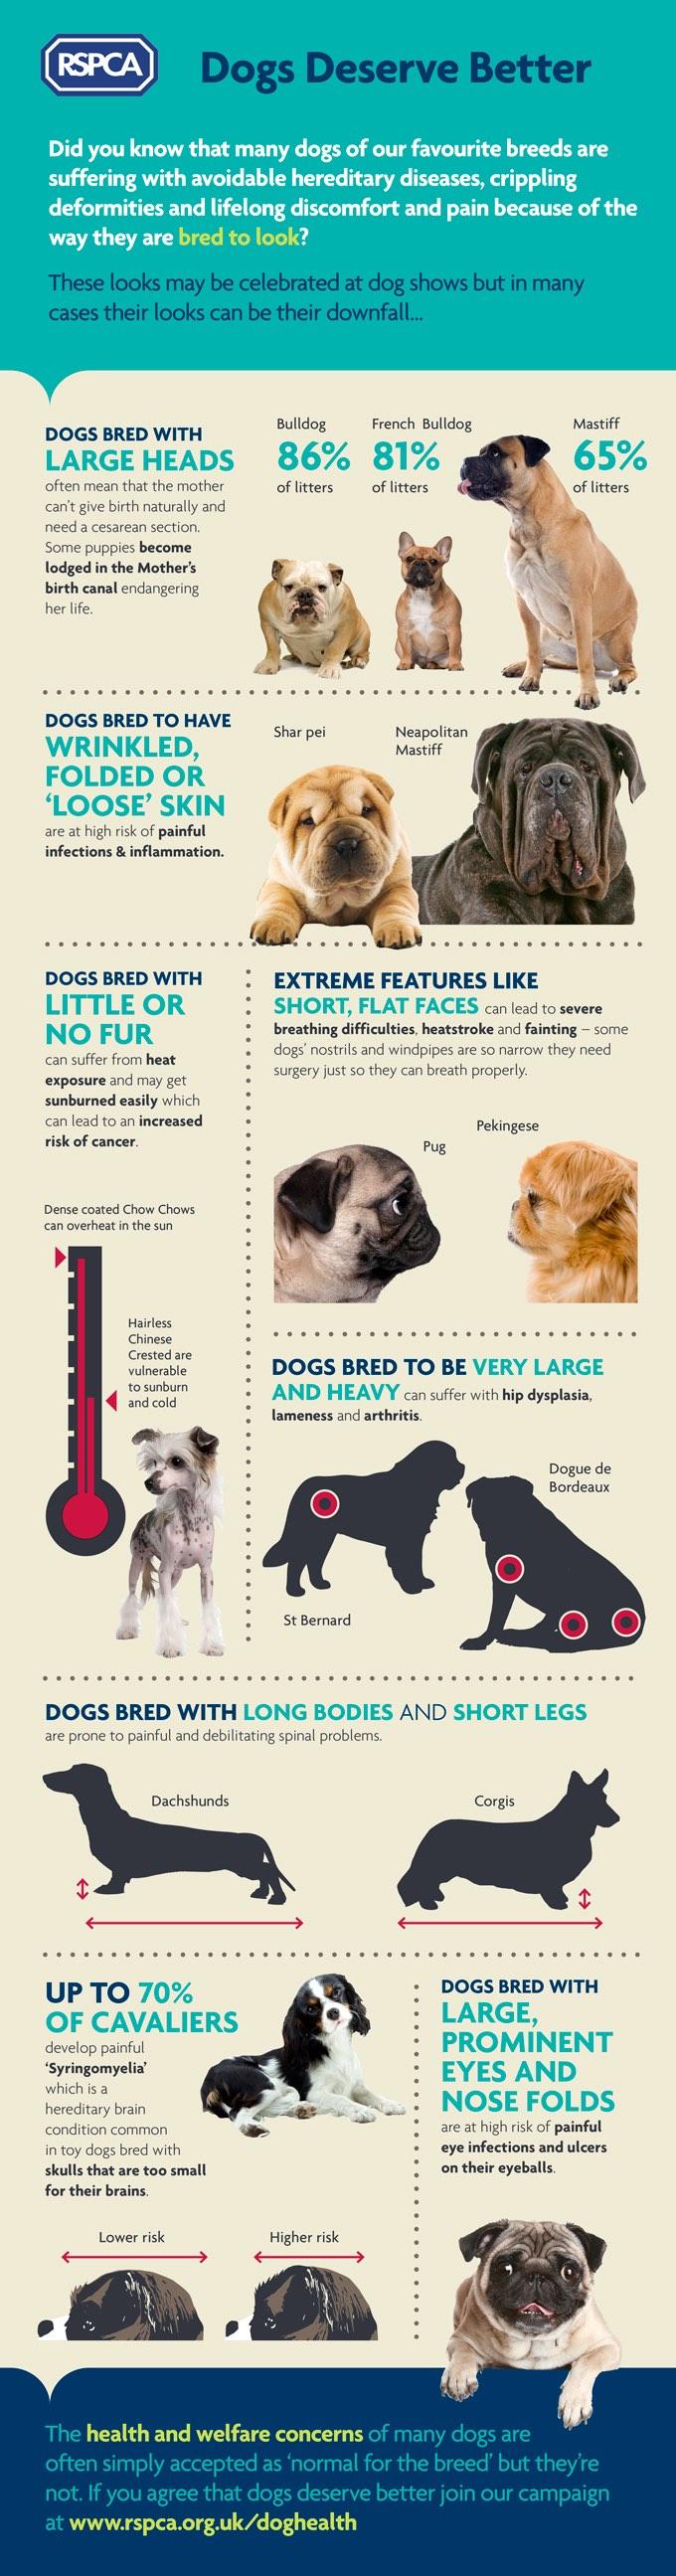 Hunde verdienen besseres: Infografik zu Qualzuchtmerkmalen des englischen Tierschutzverbandes RSPCA. (Grafik: © RSPCA)